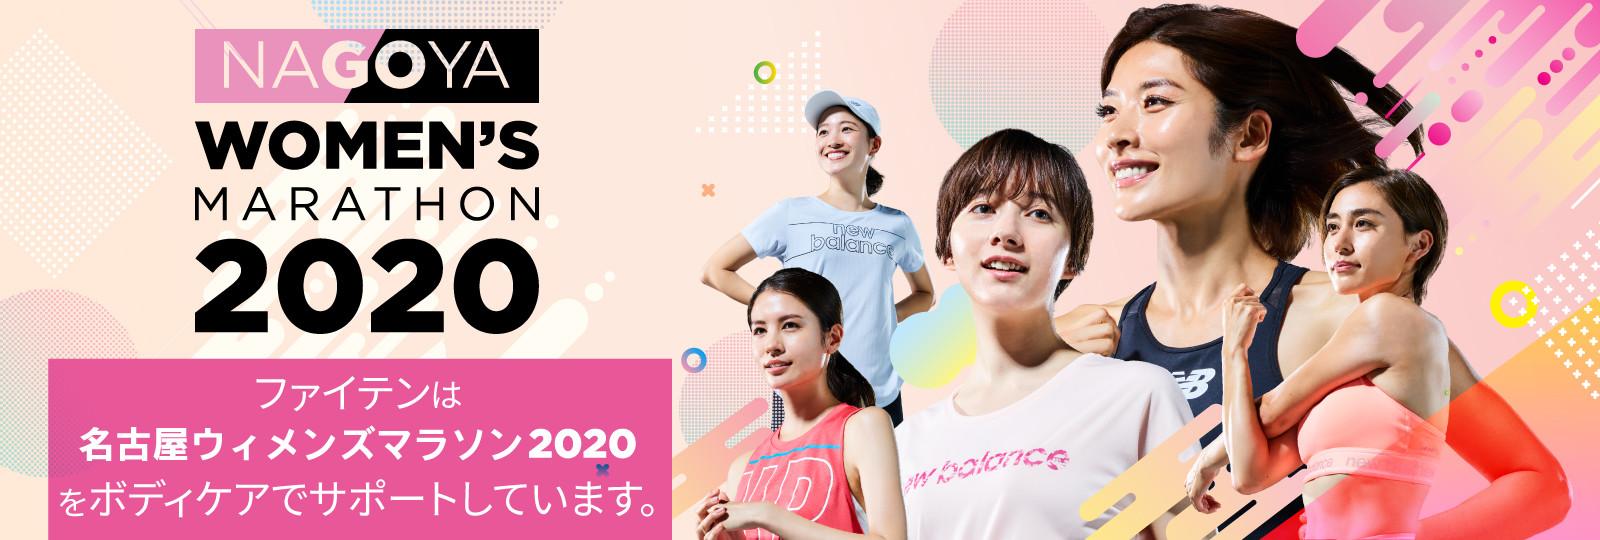 ファイテンは、名古屋ウィメンズマラソン2020をボディケアでサポートしています。